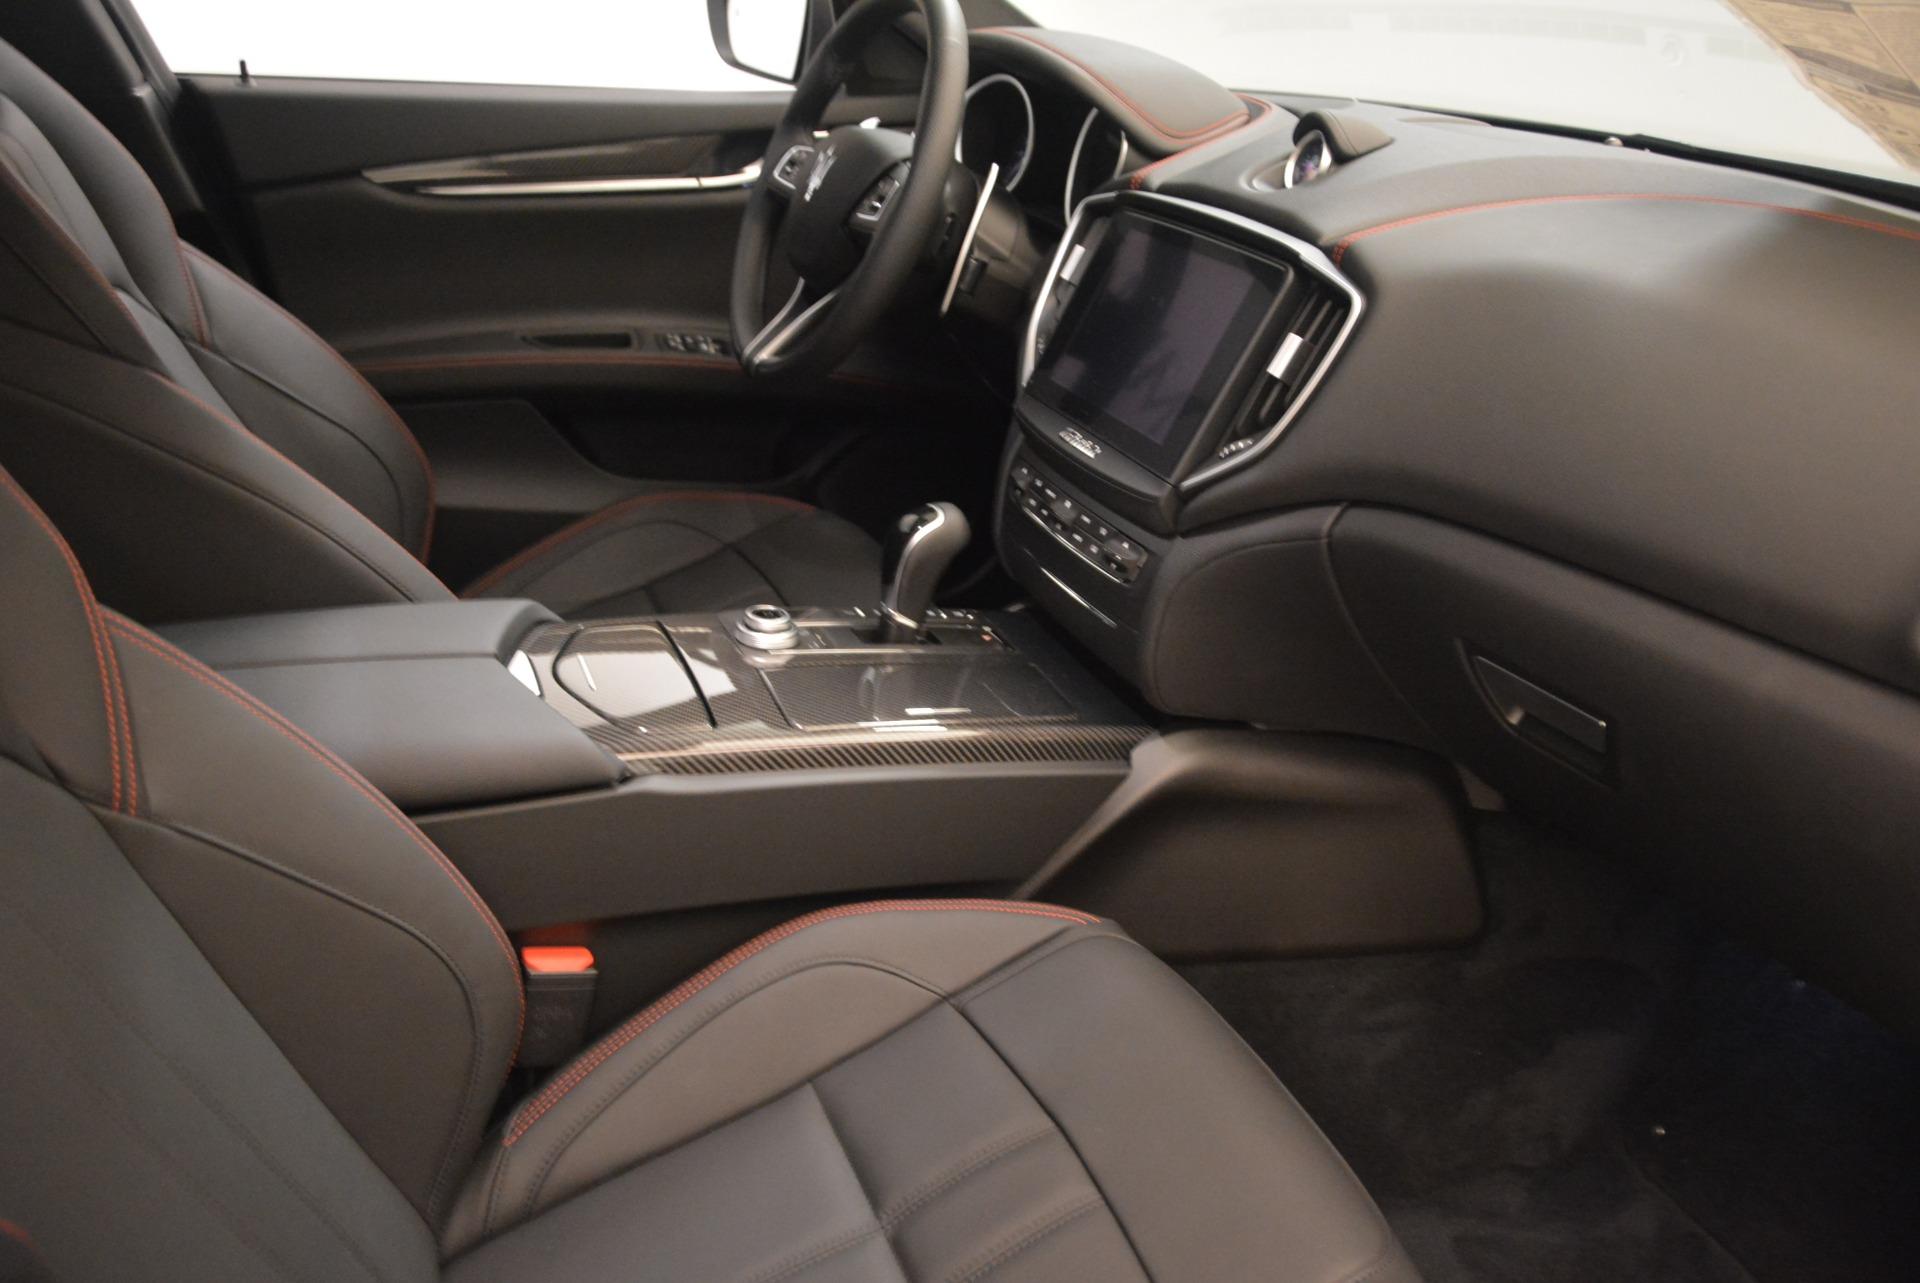 New 2018 Maserati Ghibli SQ4 GranSport Nerissimo For Sale In Greenwich, CT. Alfa Romeo of Greenwich, M2171 2366_p16